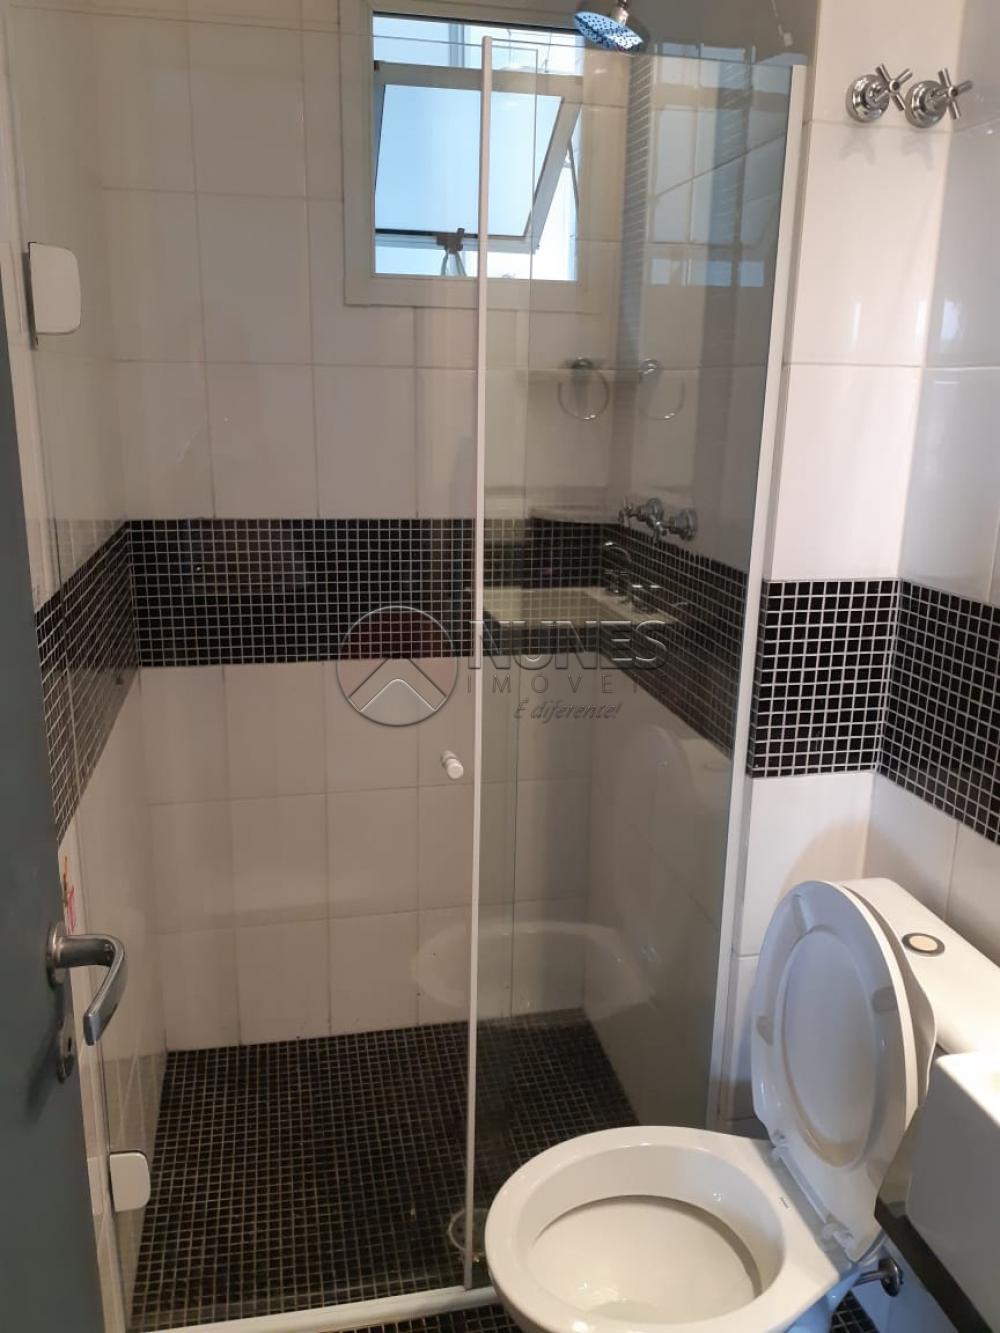 Comprar Apartamento / Padrão em São Paulo apenas R$ 550.000,00 - Foto 14